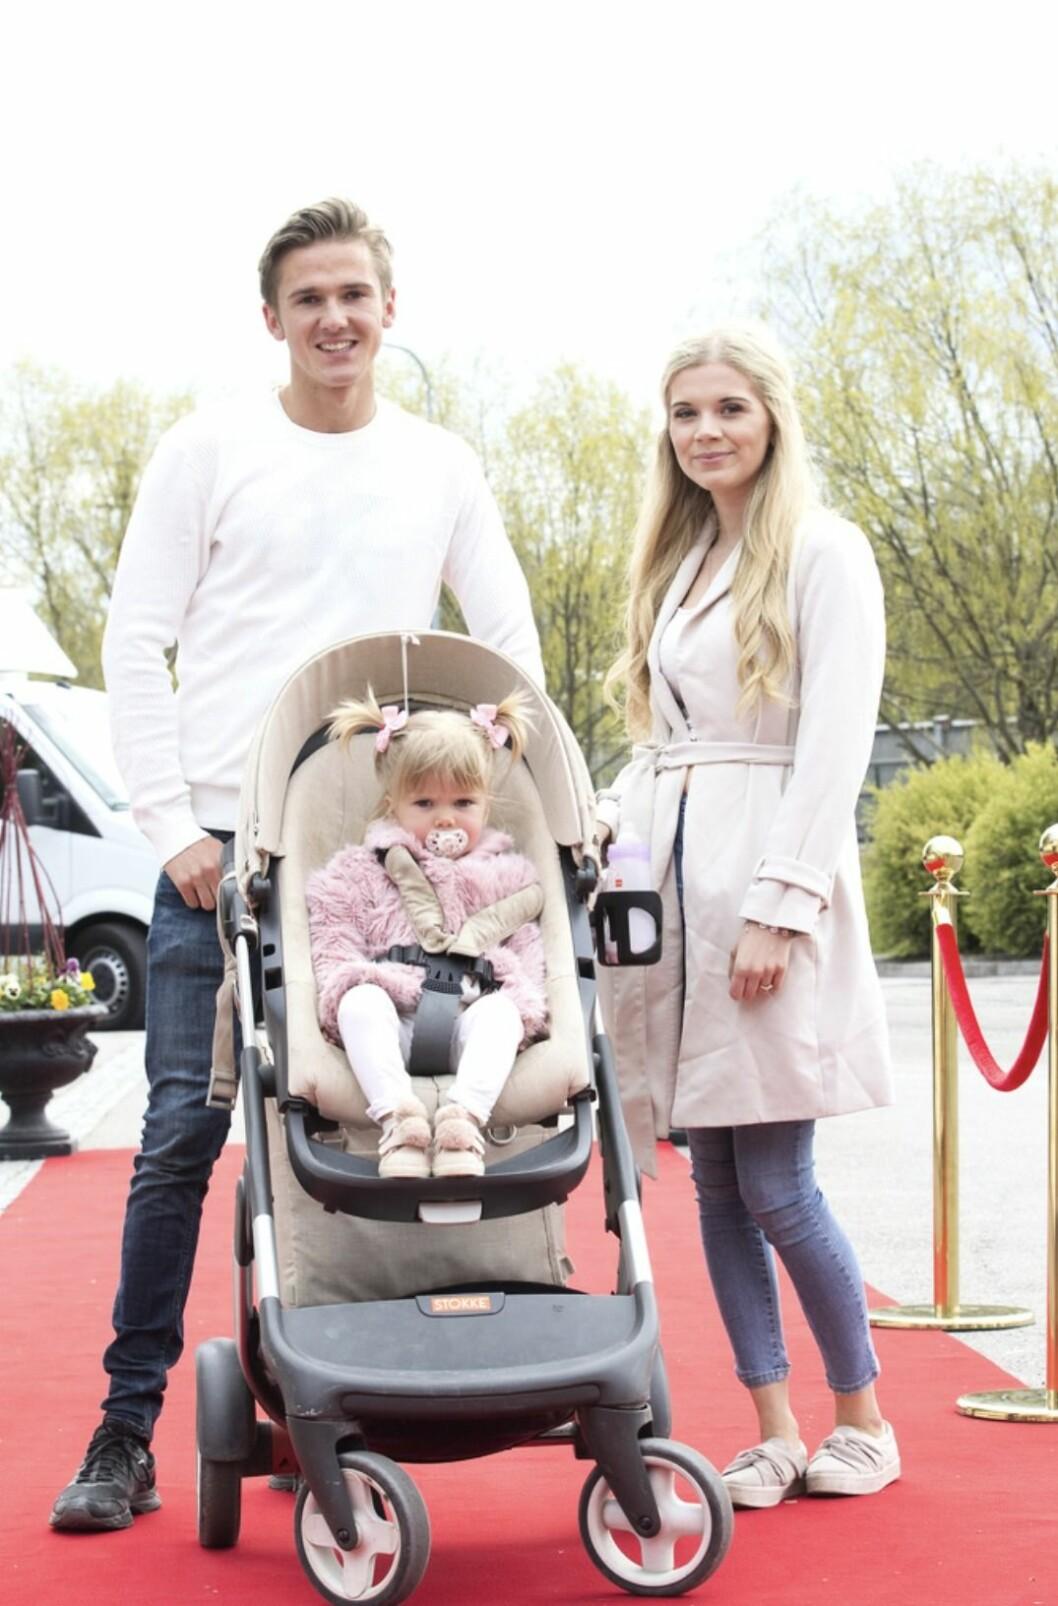 Linn Andersson från Unga Mammor med dottern Tindra och pojkvännen Marcus Malm och Tindra